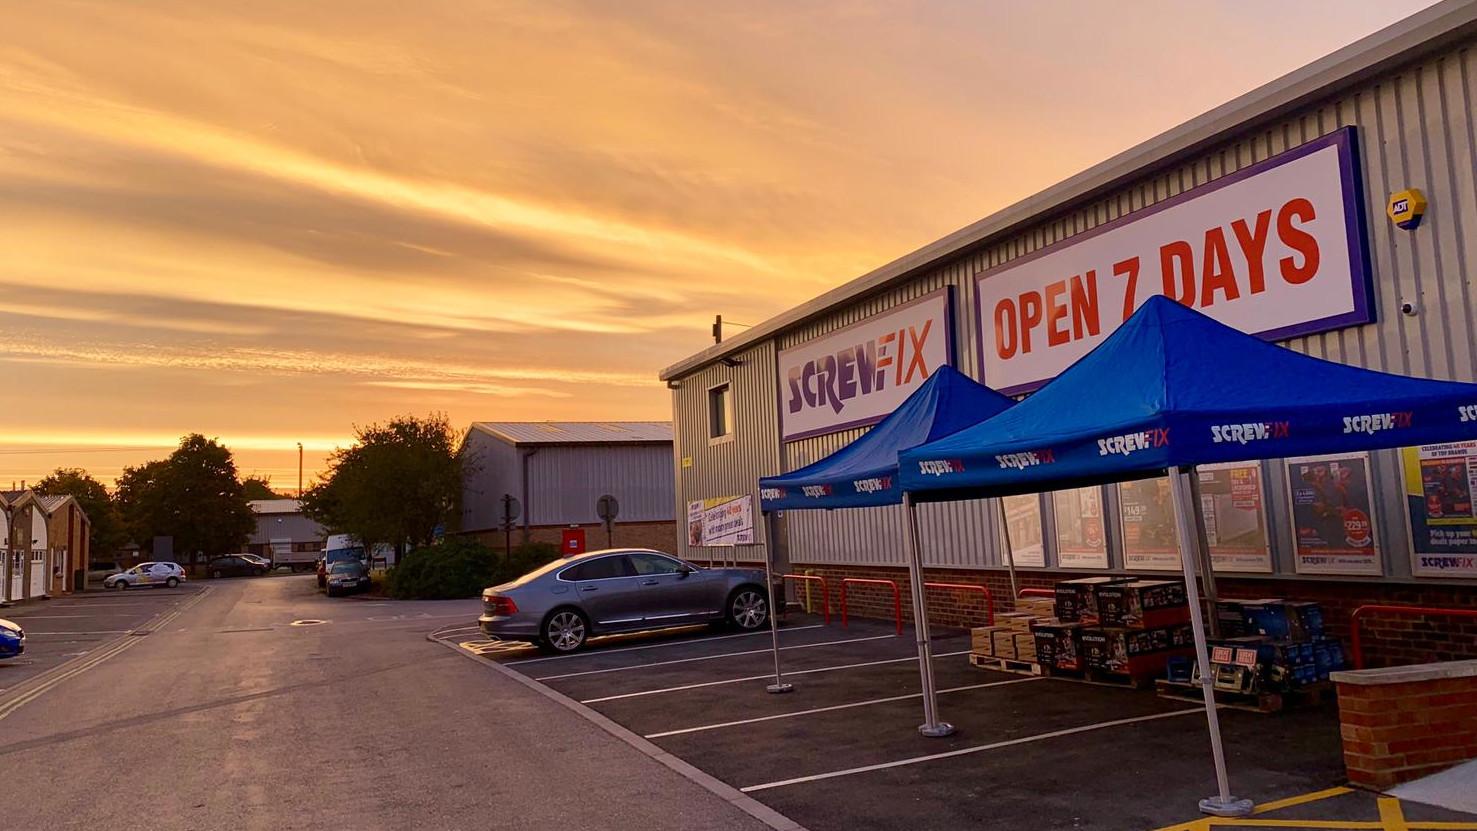 Kidlington celebrates new Screwfix store opening